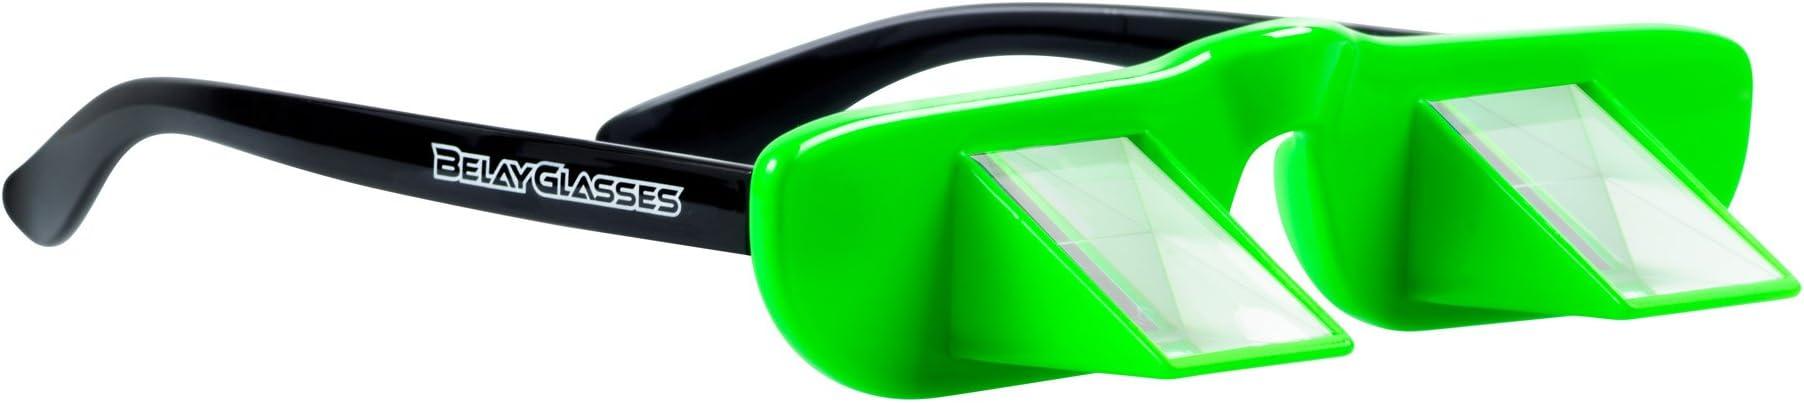 Bela yglasses Seguridad Gafas con banda, escalada Gafas ...